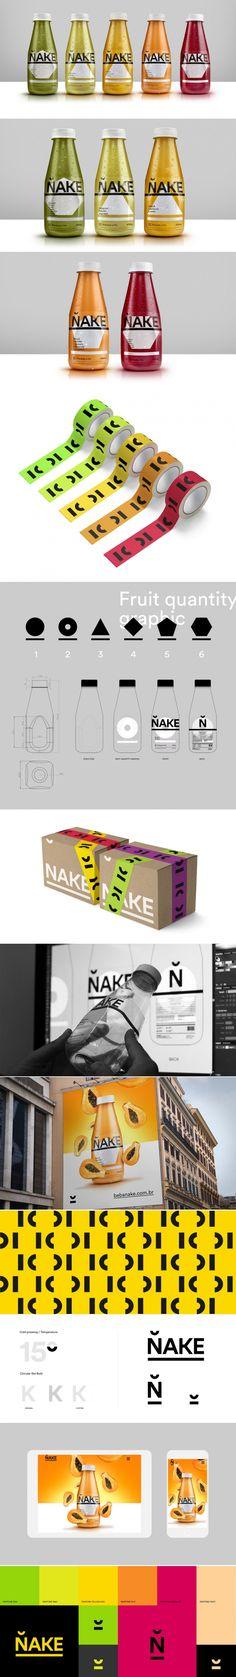 Nake Cold-Pressed Juice — The Dieline - Branding & Packaging Design